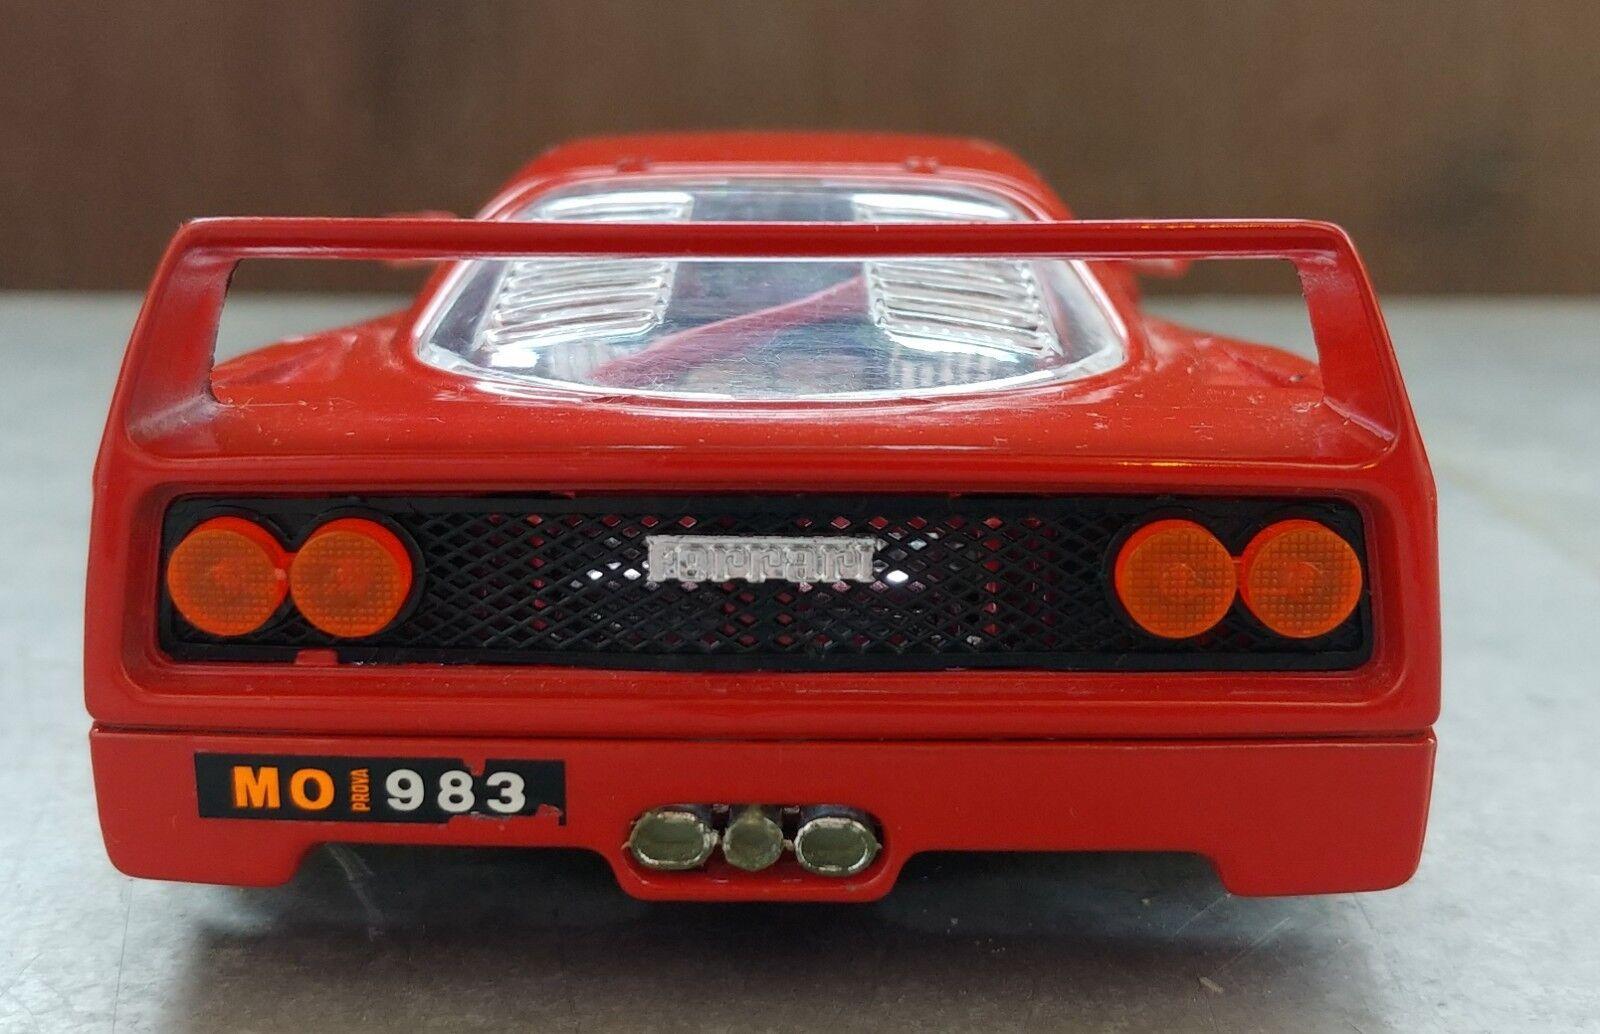 VINTAGE BBURAGO FERRARI FERRARI FERRARI F40 METAL KIT BIJOUX (1987) 1 24 MADE IN ITALY fe3694